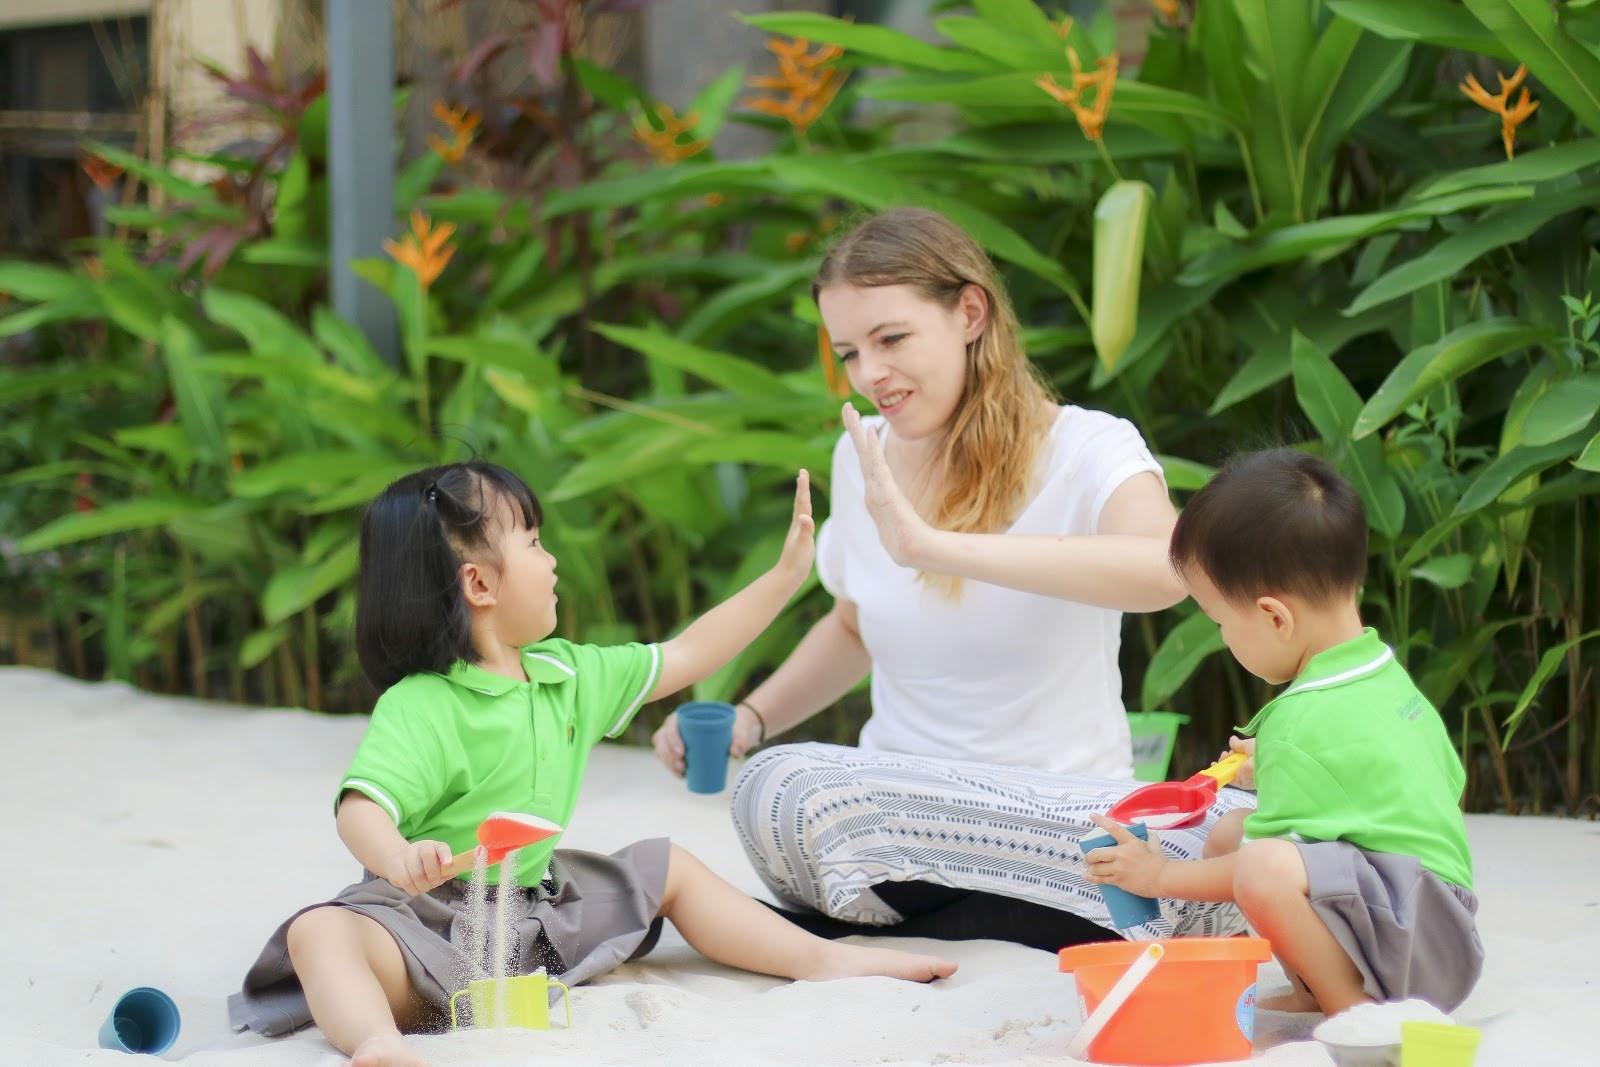 Kết thúc các trò chơi, phụ huynh có thể chuẩn bị các món quà nhỏ để khích lệ và cổ vũ trẻ